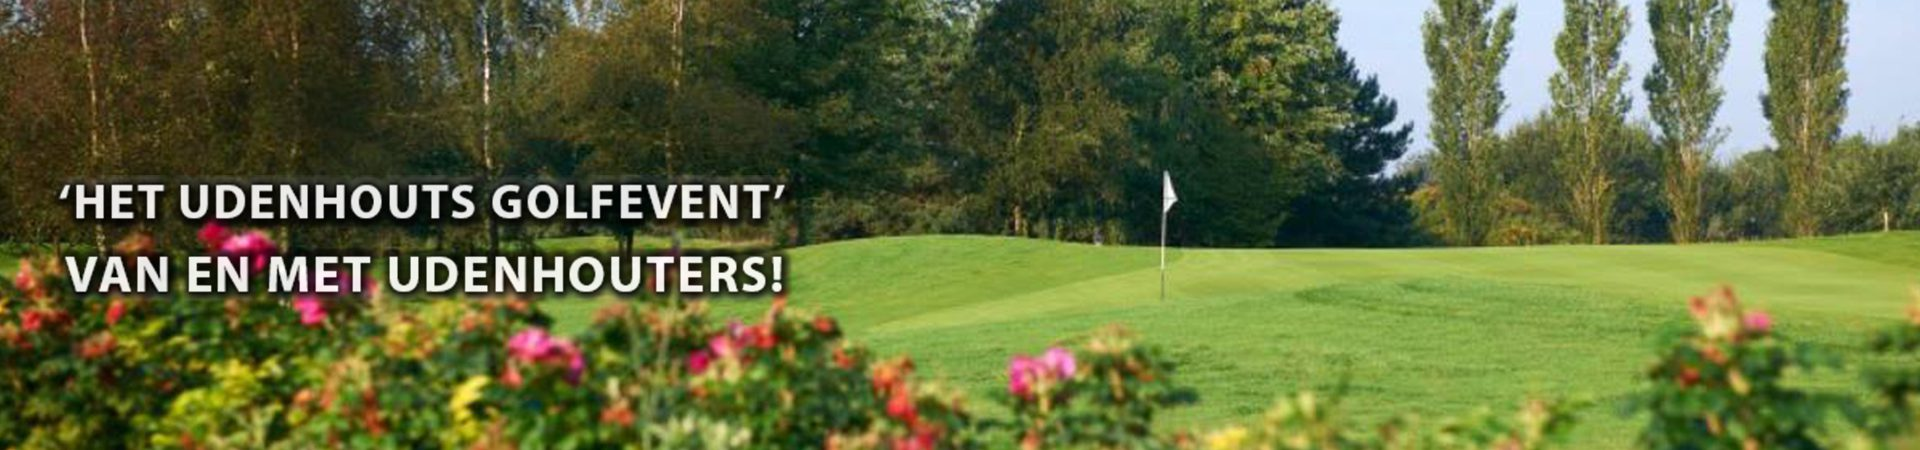 Udenhout Golft 1920x450 Slider 1